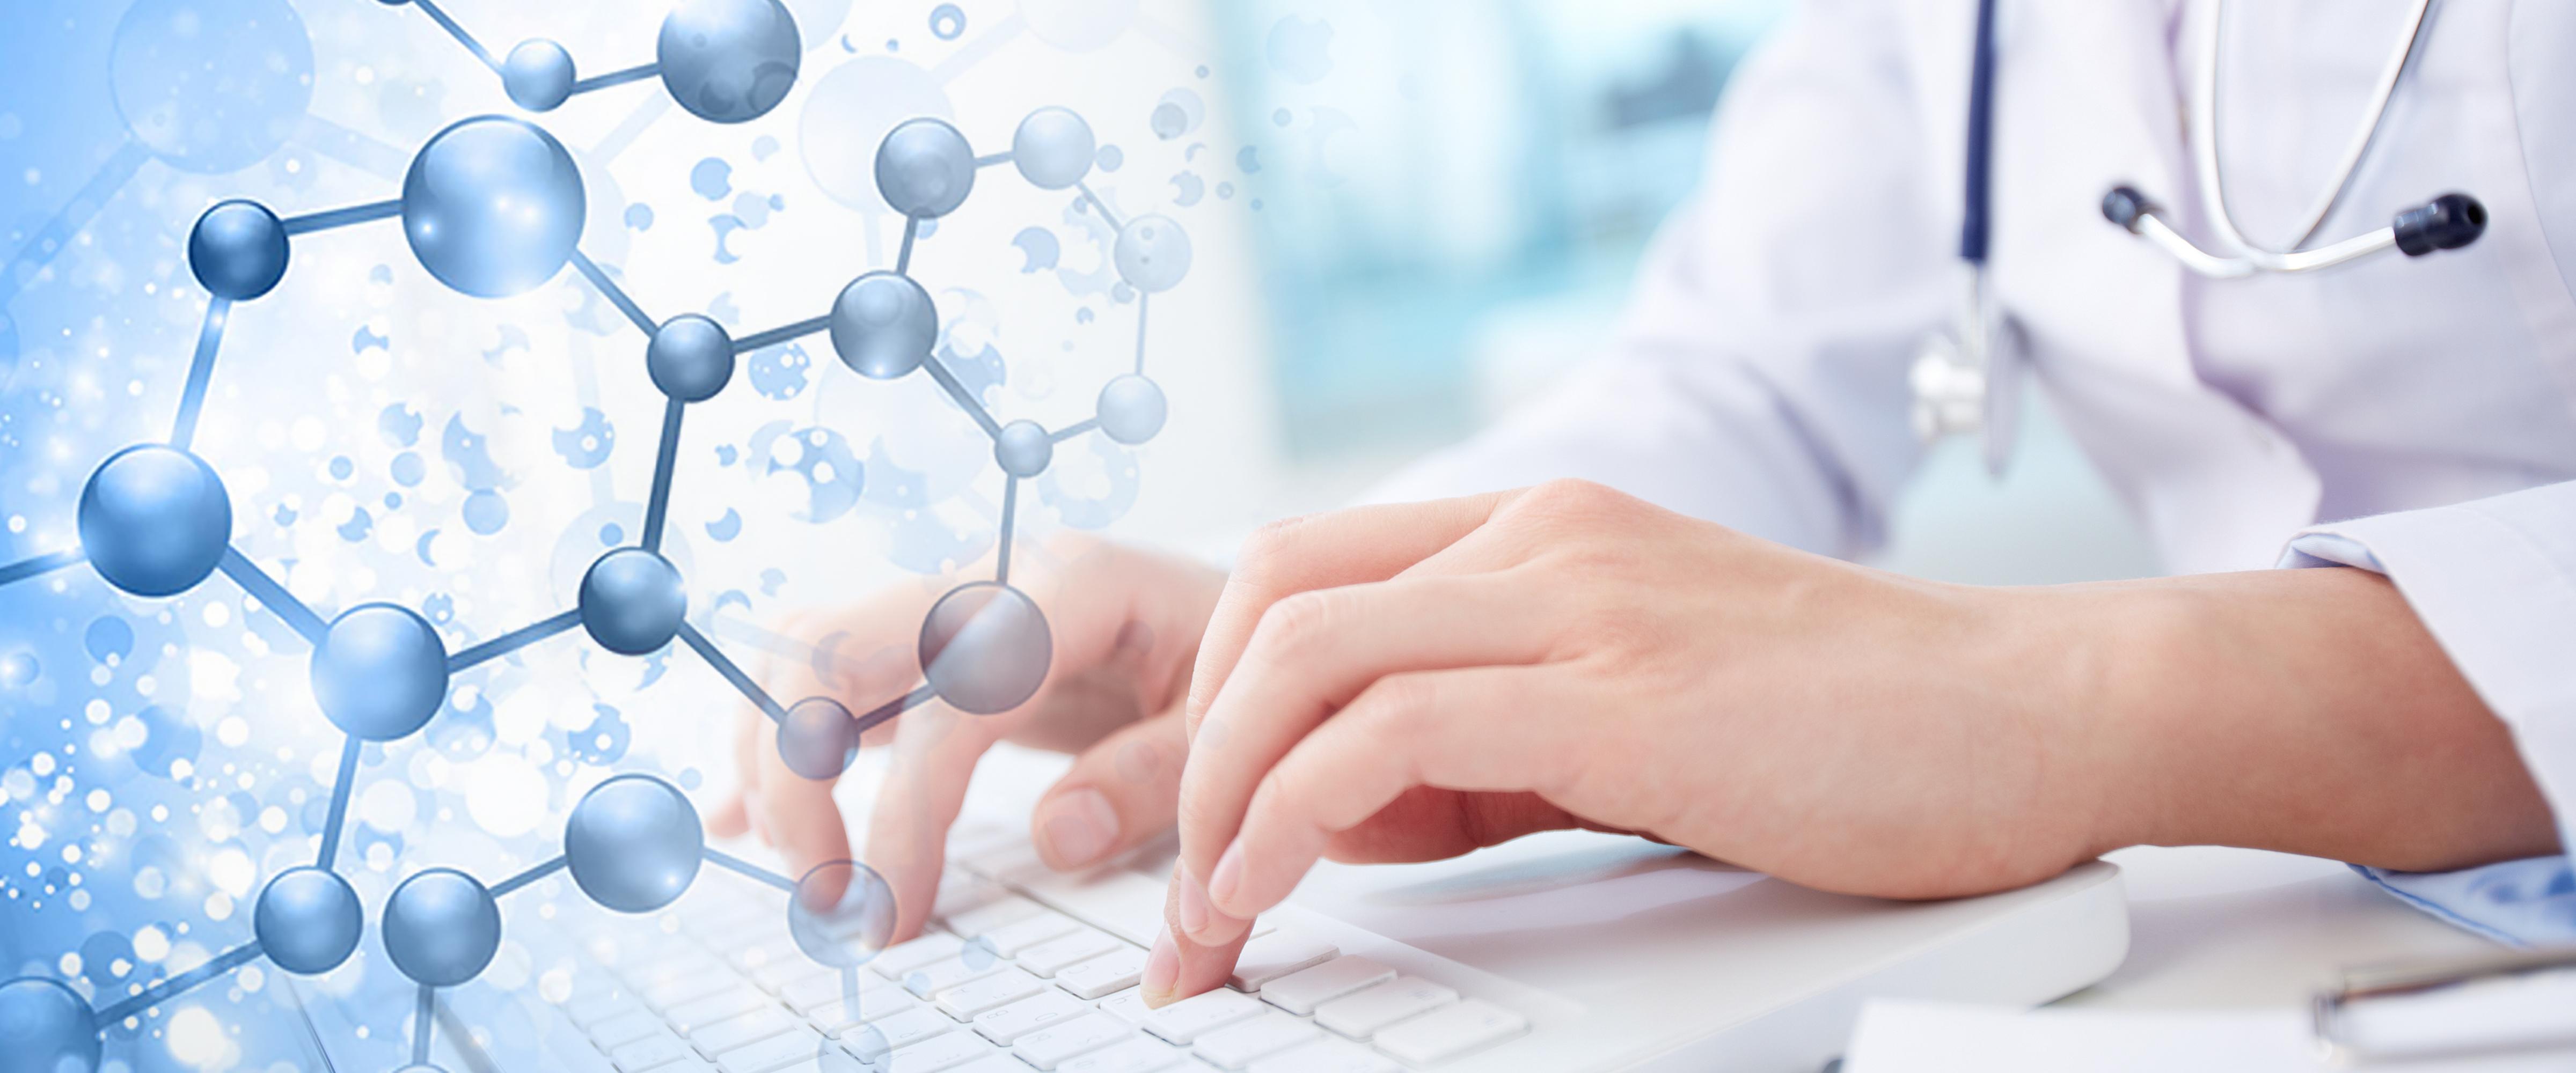 活性肽与抗原结构的研究突破